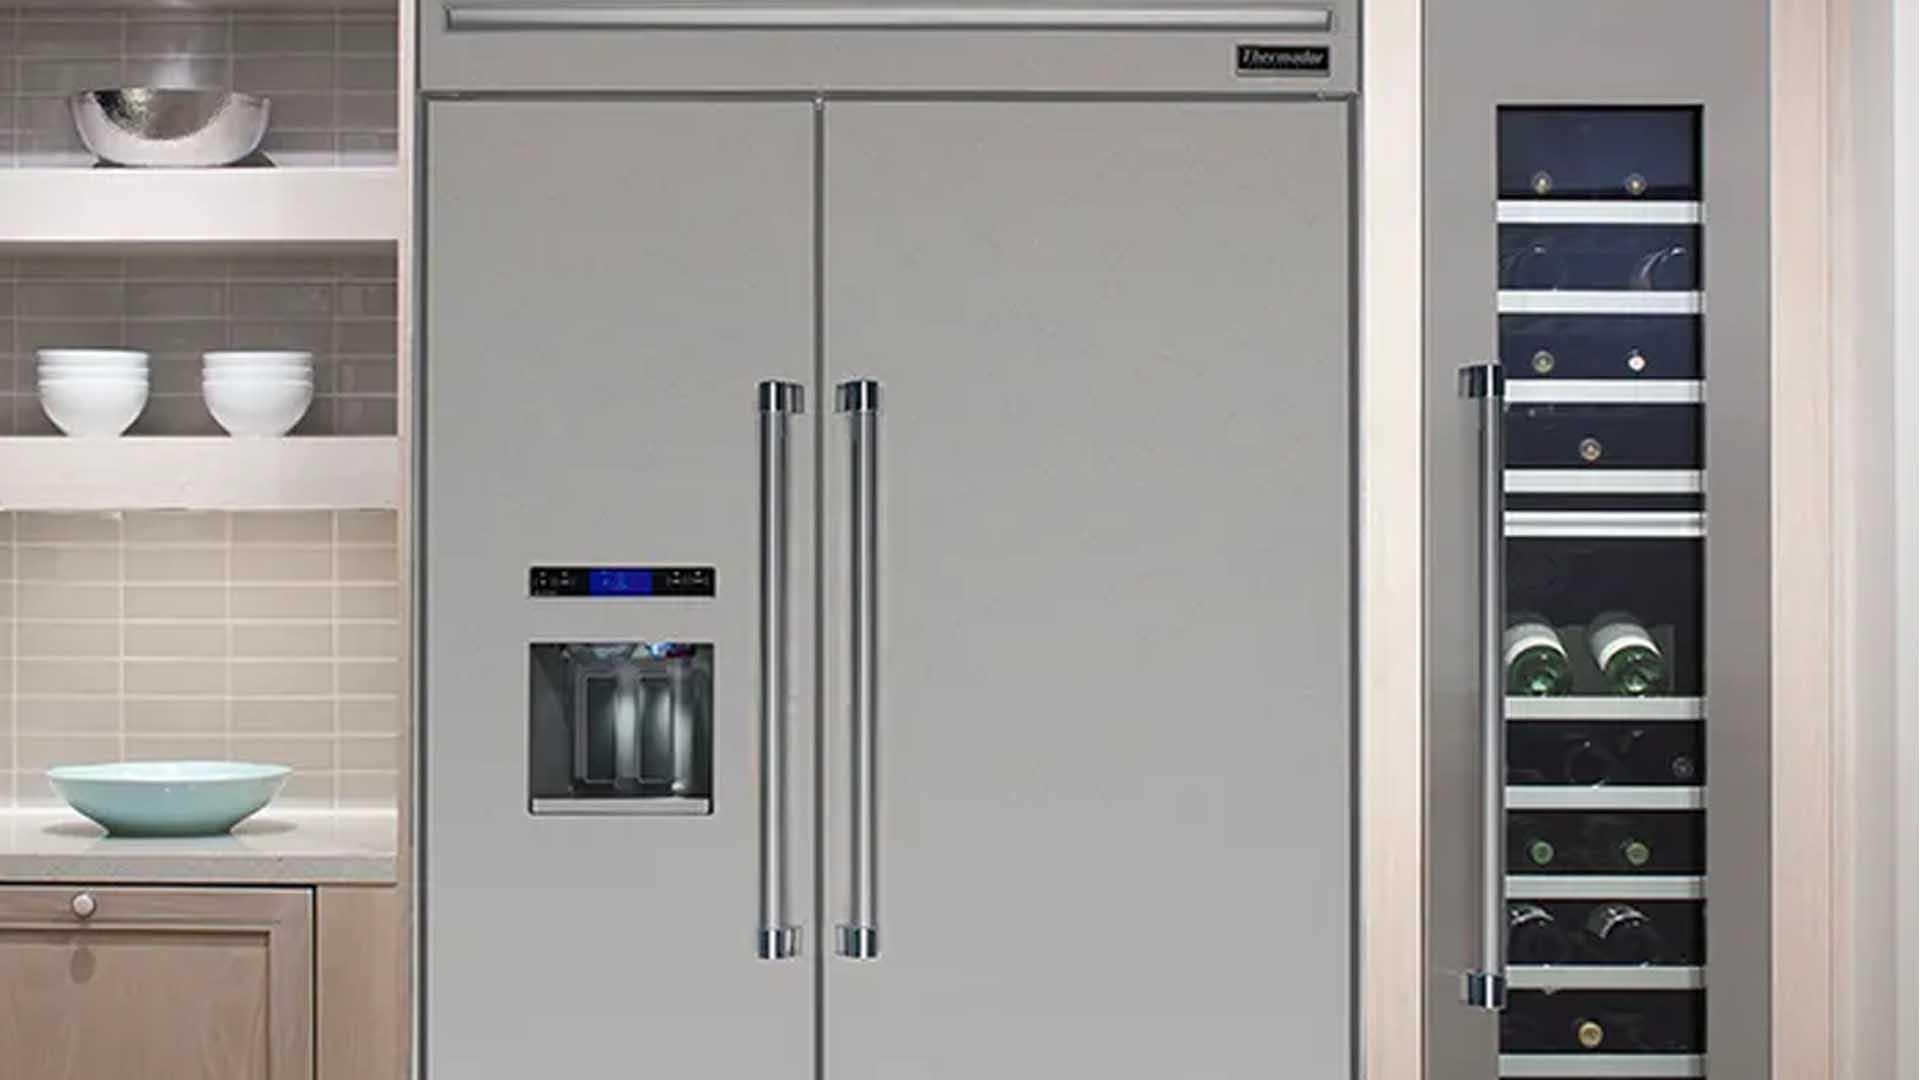 Thermador Refrigerator Repair Service   Thermador Appliance Repair Pros